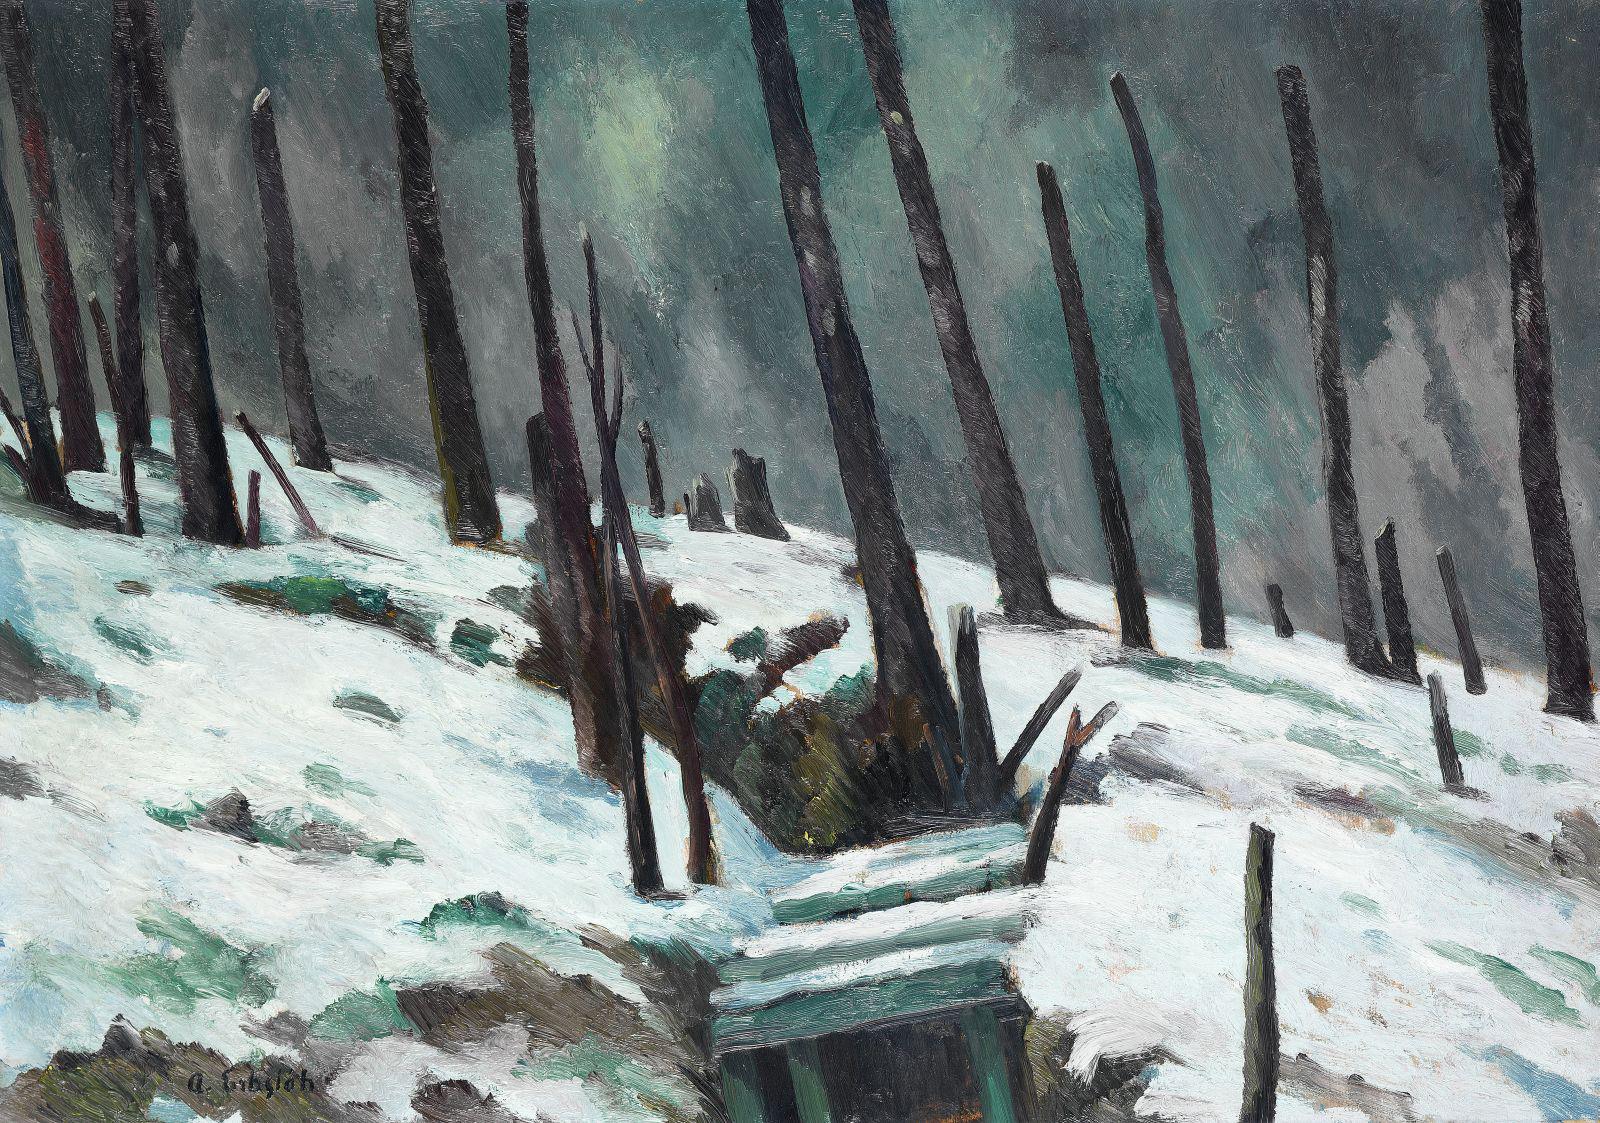 Adolf Erbslöh, Zerschossener Wald bei Verdun, Courtesy Stiftung Situation Kunst, © 2010 die jeweiligen Künstlerinnen und Künstler bzw. deren Rechtsnachfolger